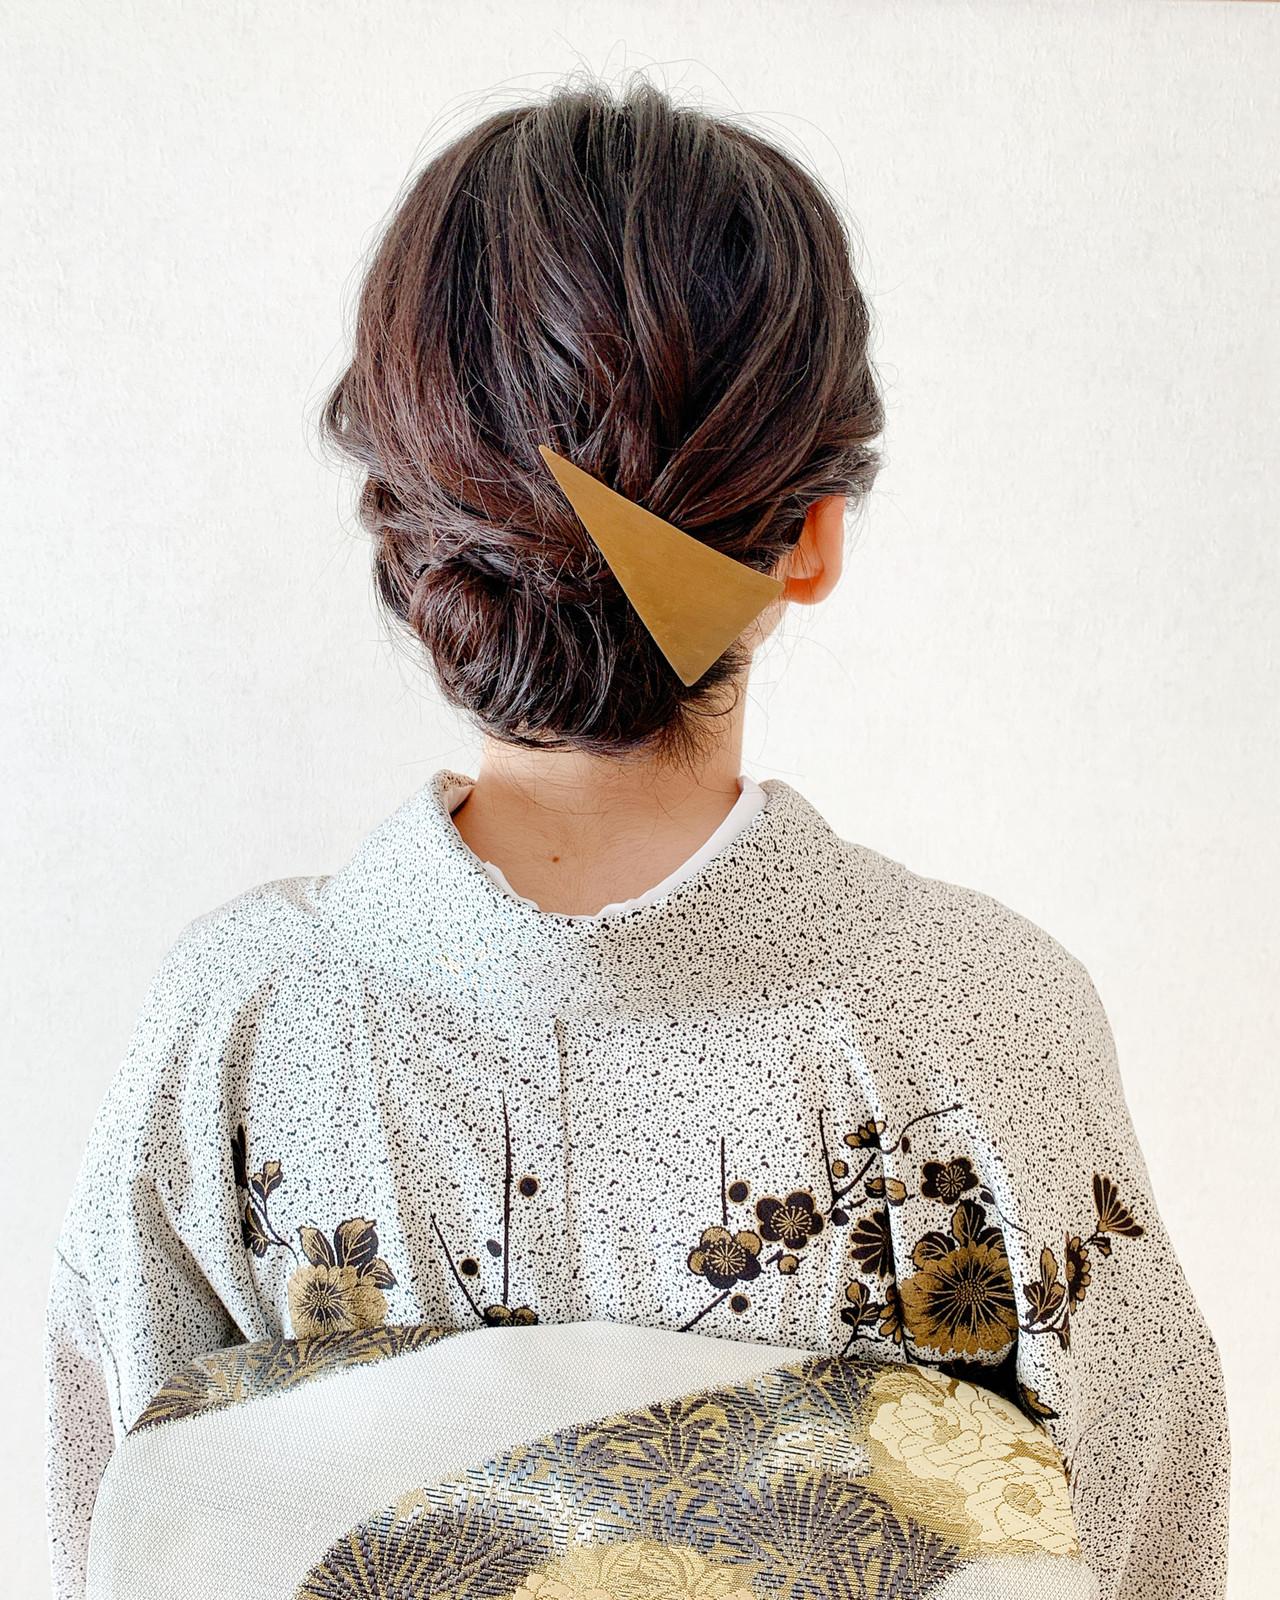 着物 エレガント 結婚式 振袖ヘア ヘアスタイルや髪型の写真・画像 | Moriyama Mami / 福岡天神ヘアセット・着付け専門店【Three-keys】